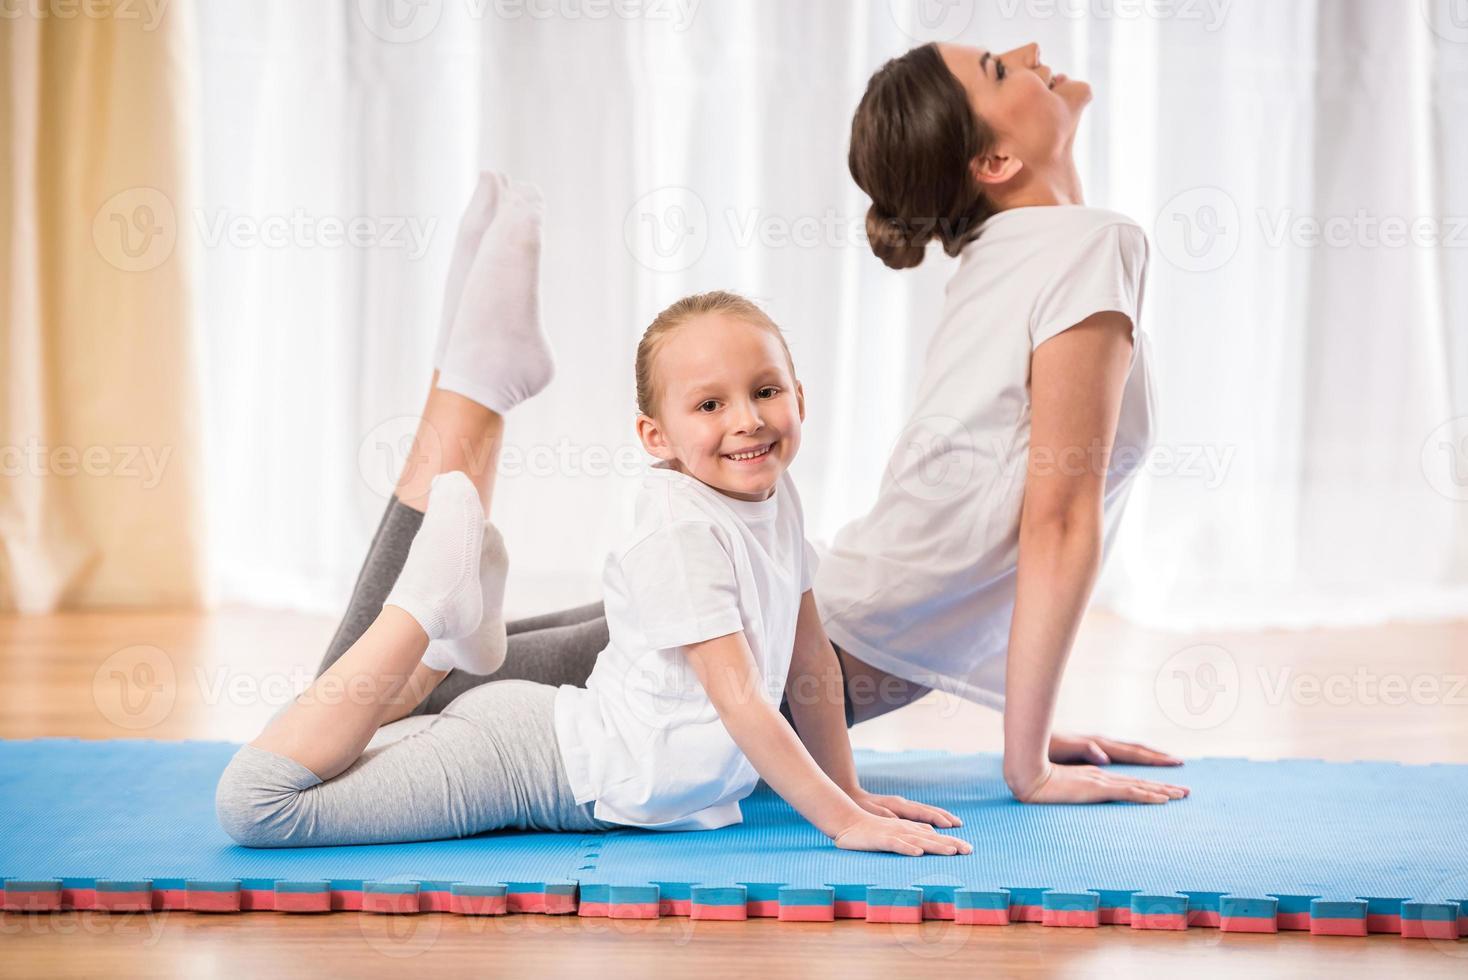 yoga en casa foto